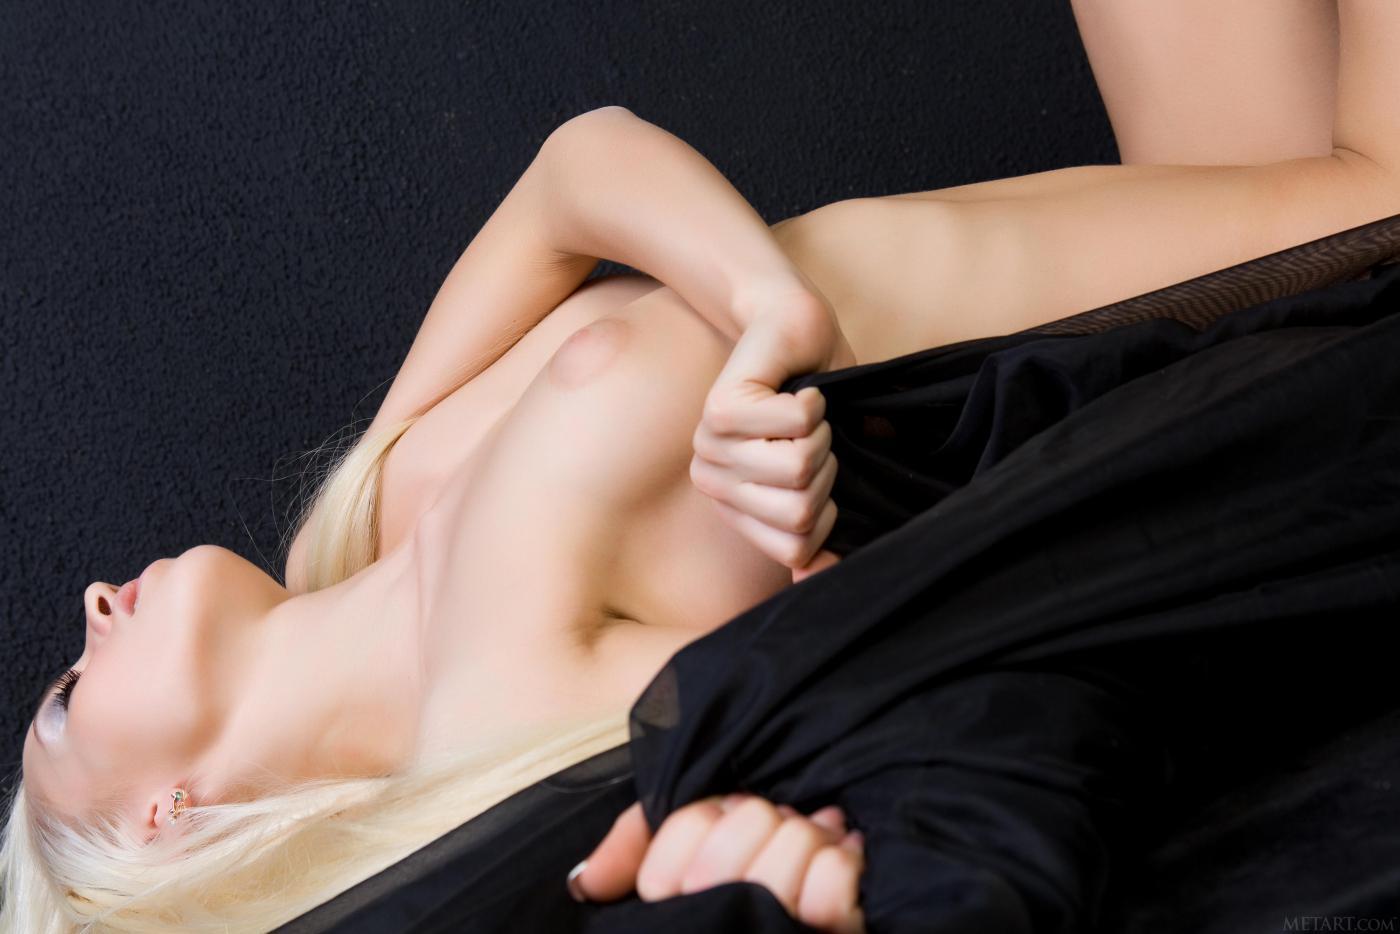 Смотреть модель со свелыми волосами онлайн